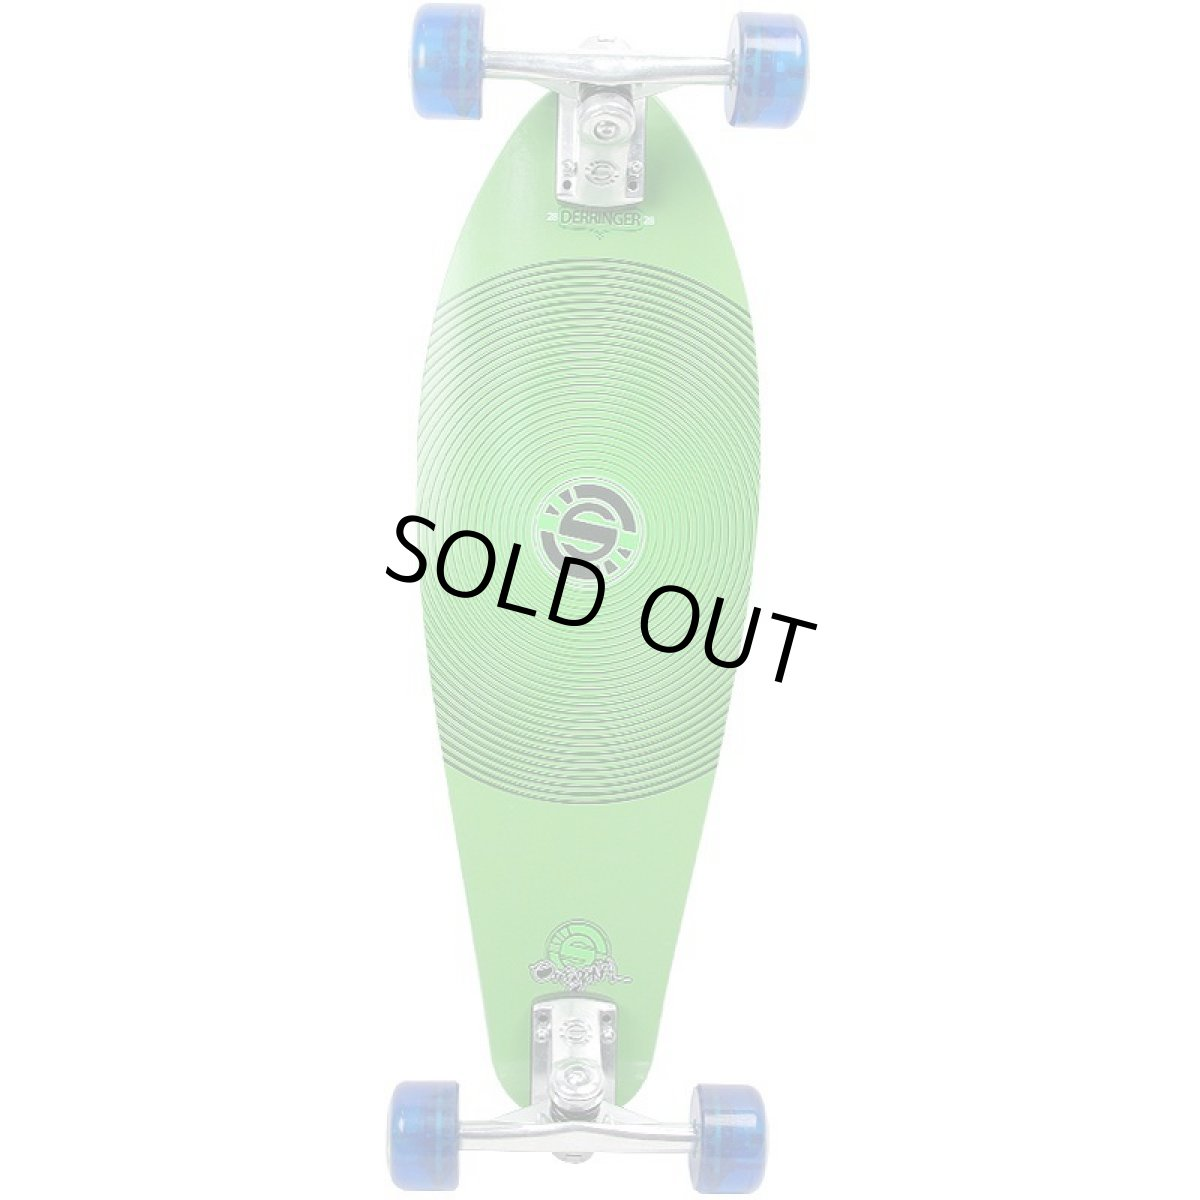 画像1: 28インチ オリジナル・スケートボード(Original Skateboards)社製 Derringer Super6コンプリート【グリーン】 (1)